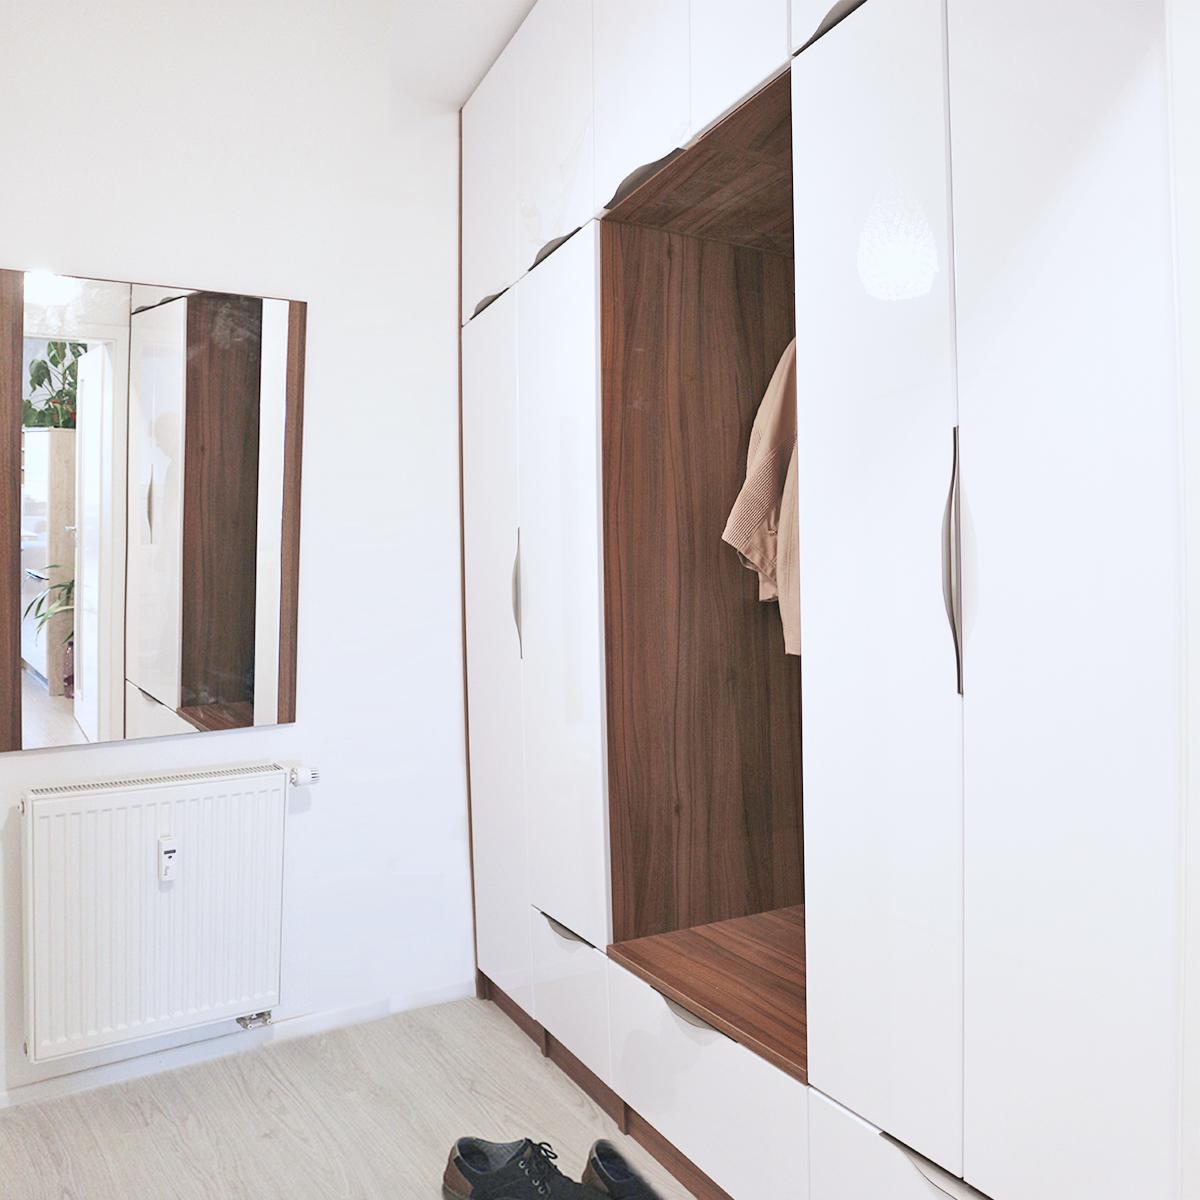 Realizácia interiéru 2i byt NMnV - Obrázok č. 27